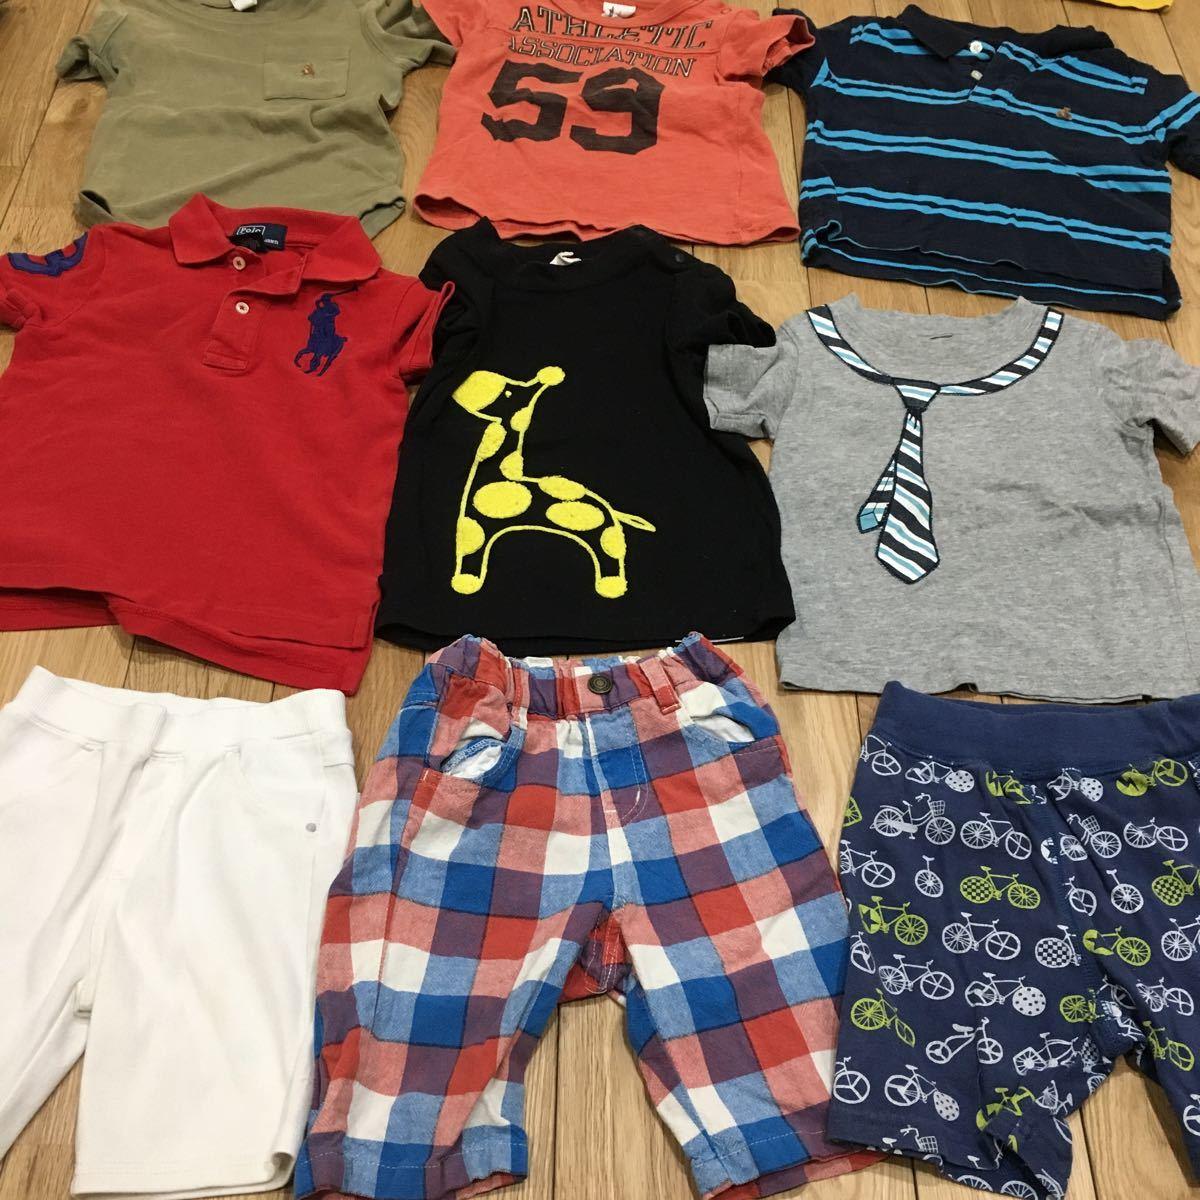 da1186ef4880c 男の子 まとめ売り 夏物 セット 福袋 90~95cm Tシャツ パジャマ クロックス 甚平 ジャンクストア